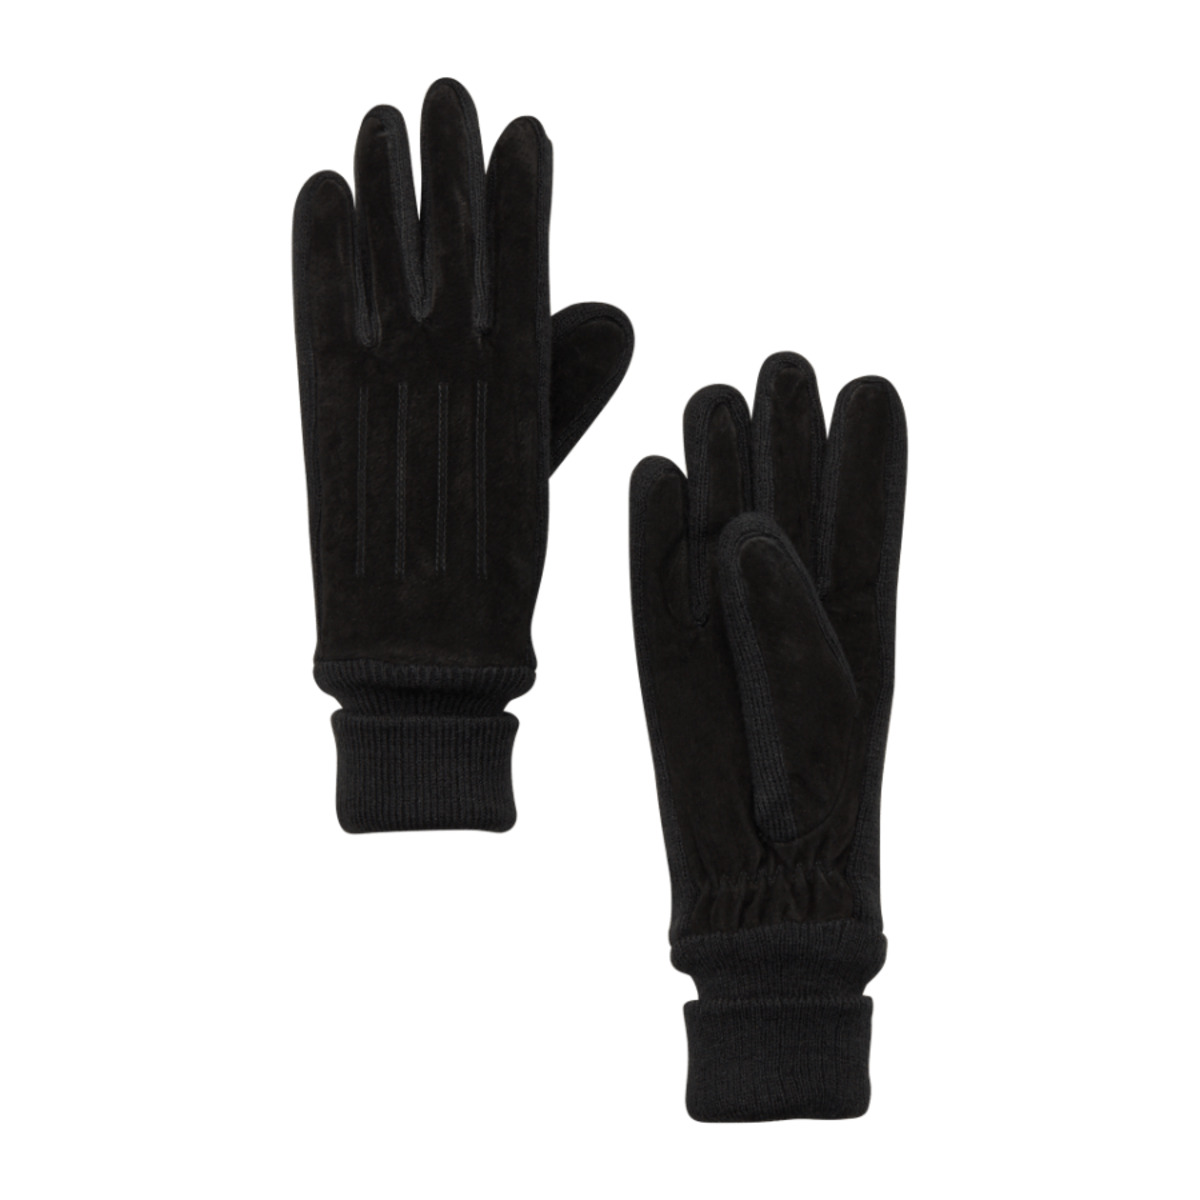 Bild 2 von ROYAL LIFE     Veloursleder-Handschuhe